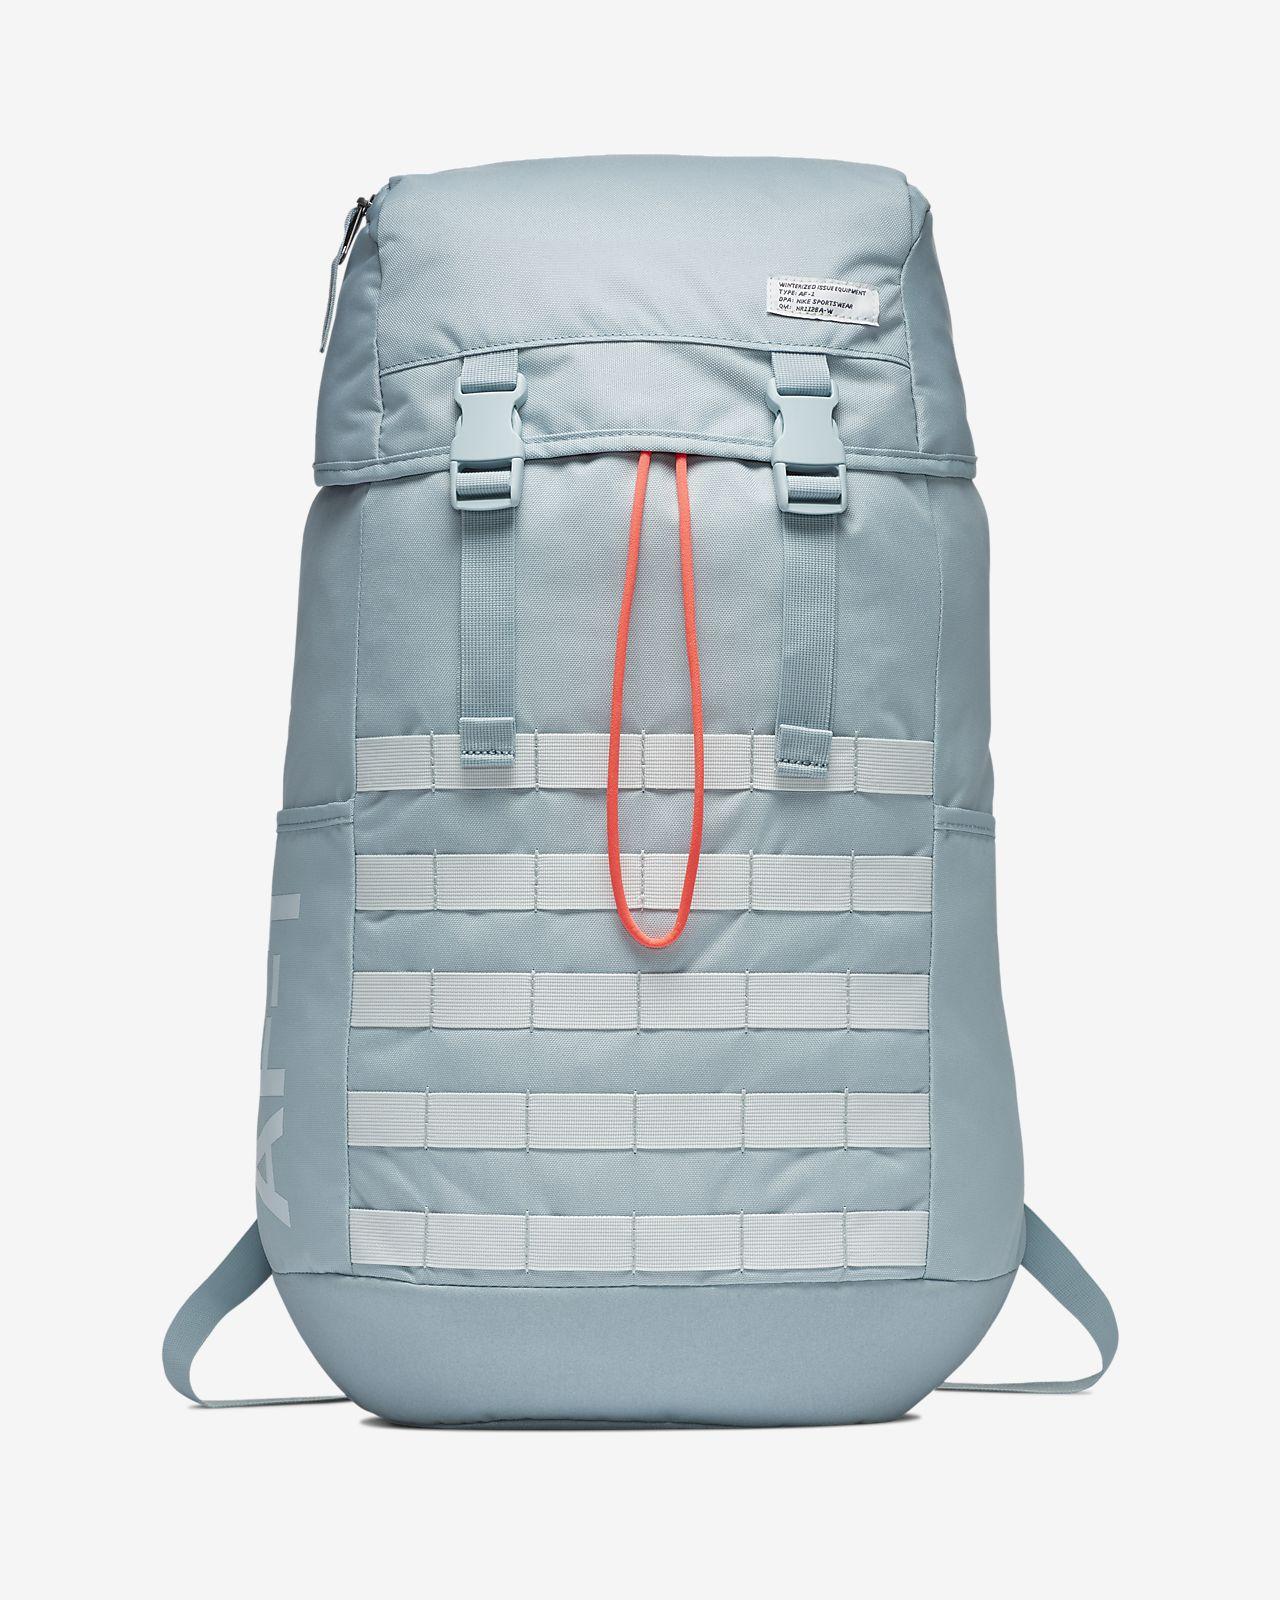 espontáneo nieve acción  Complexe analogie bagages nike sac a dos mochila - cipap-tunisie.com